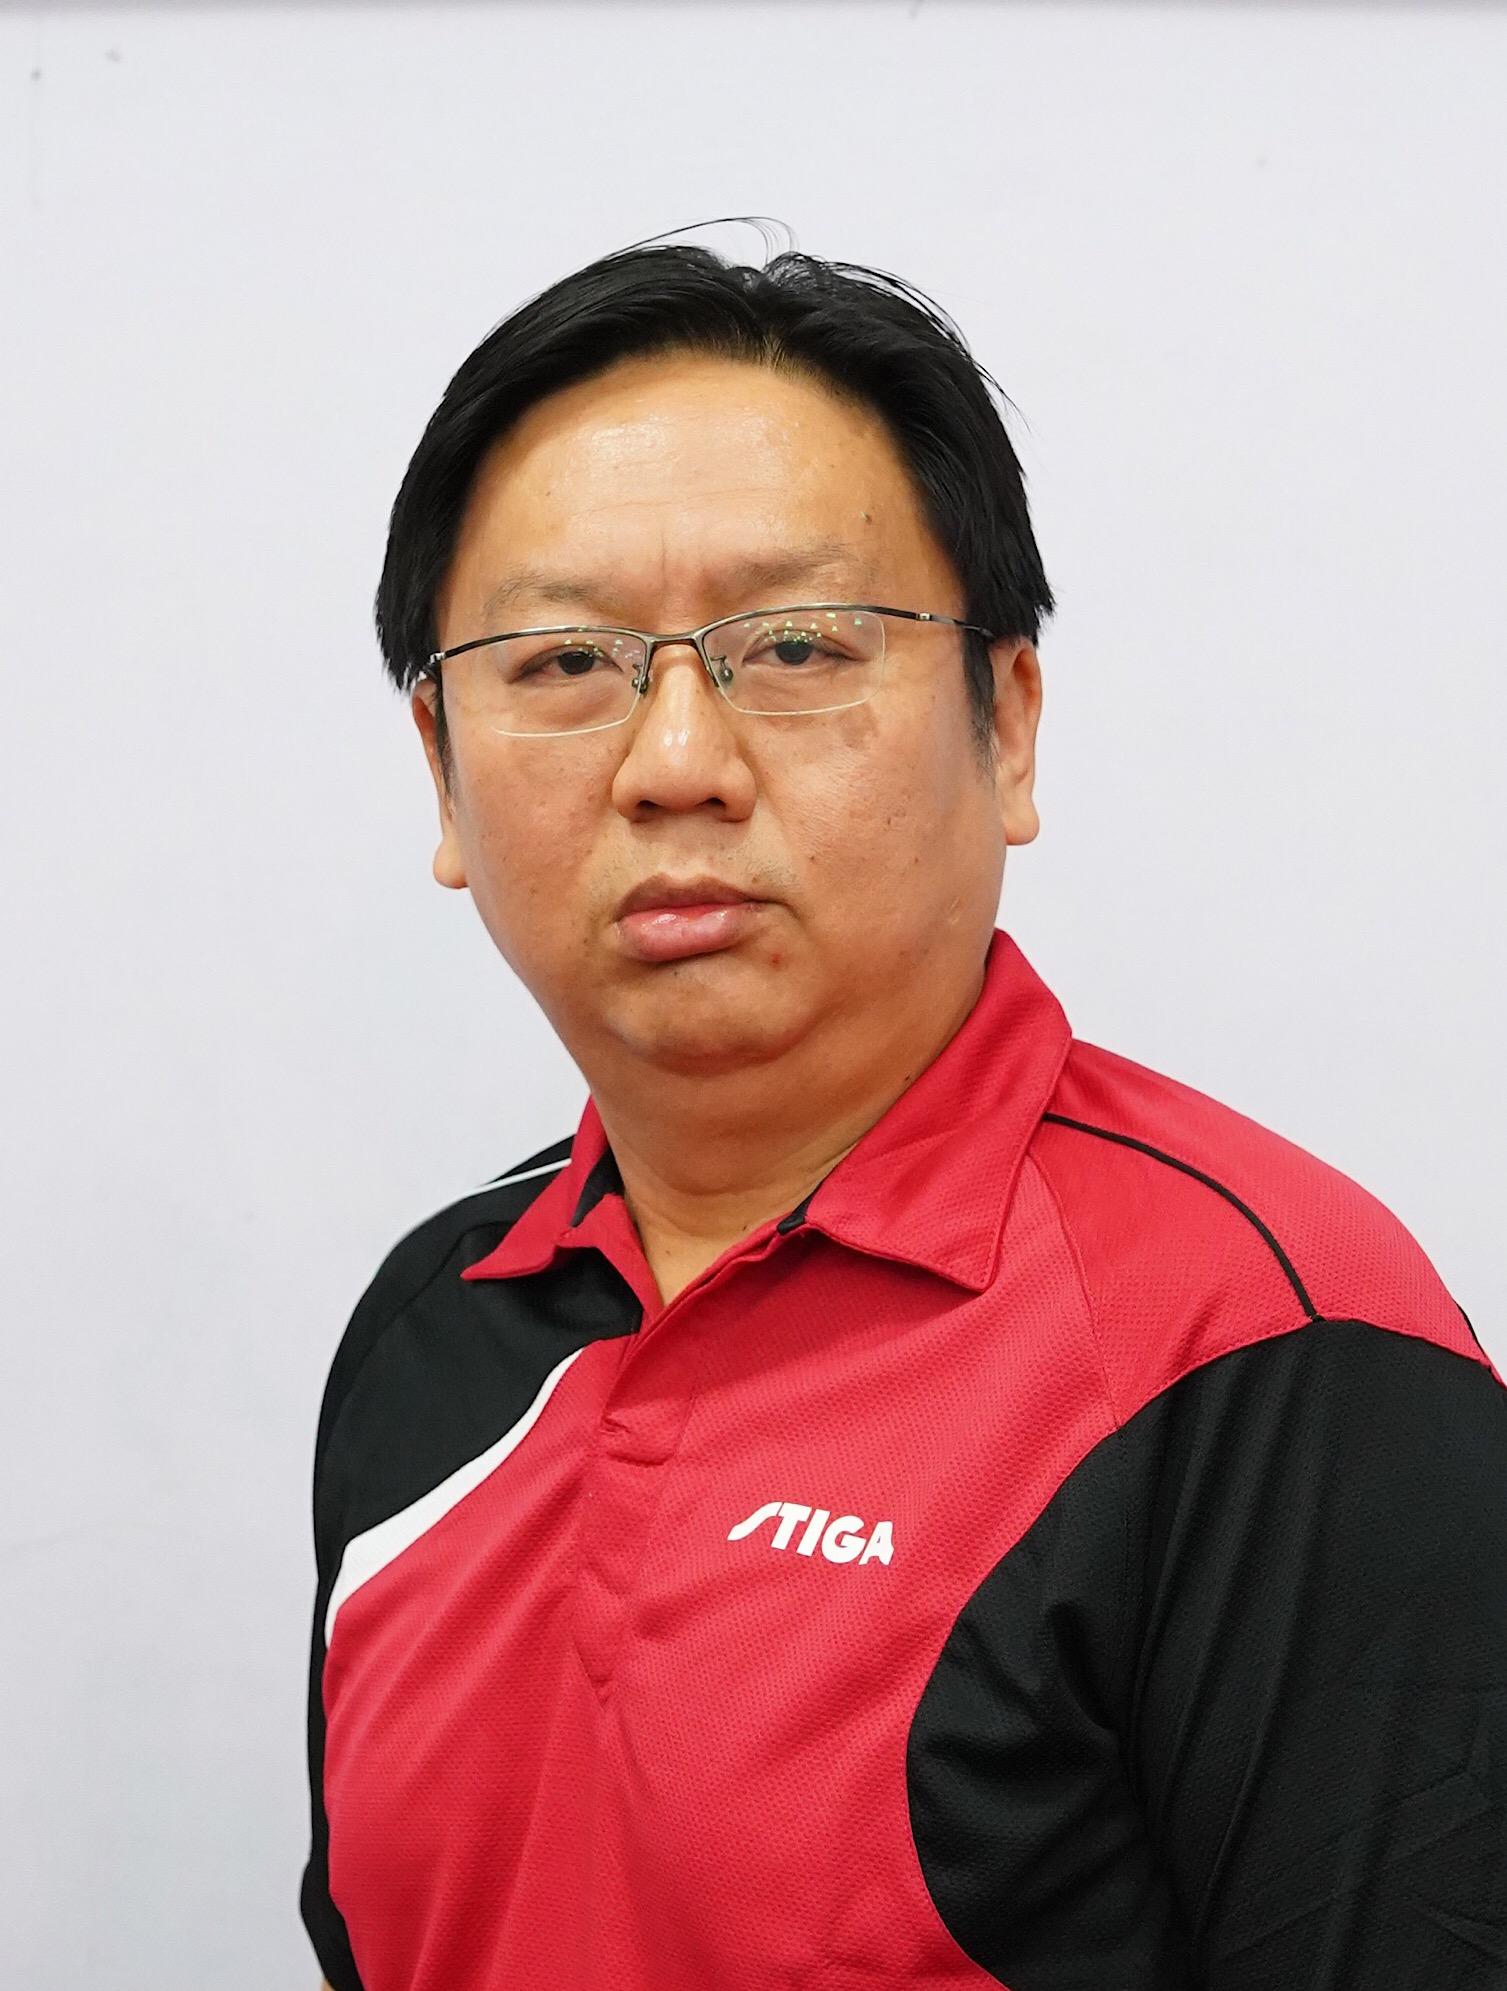 Chua Kok Wei, JP, PBM